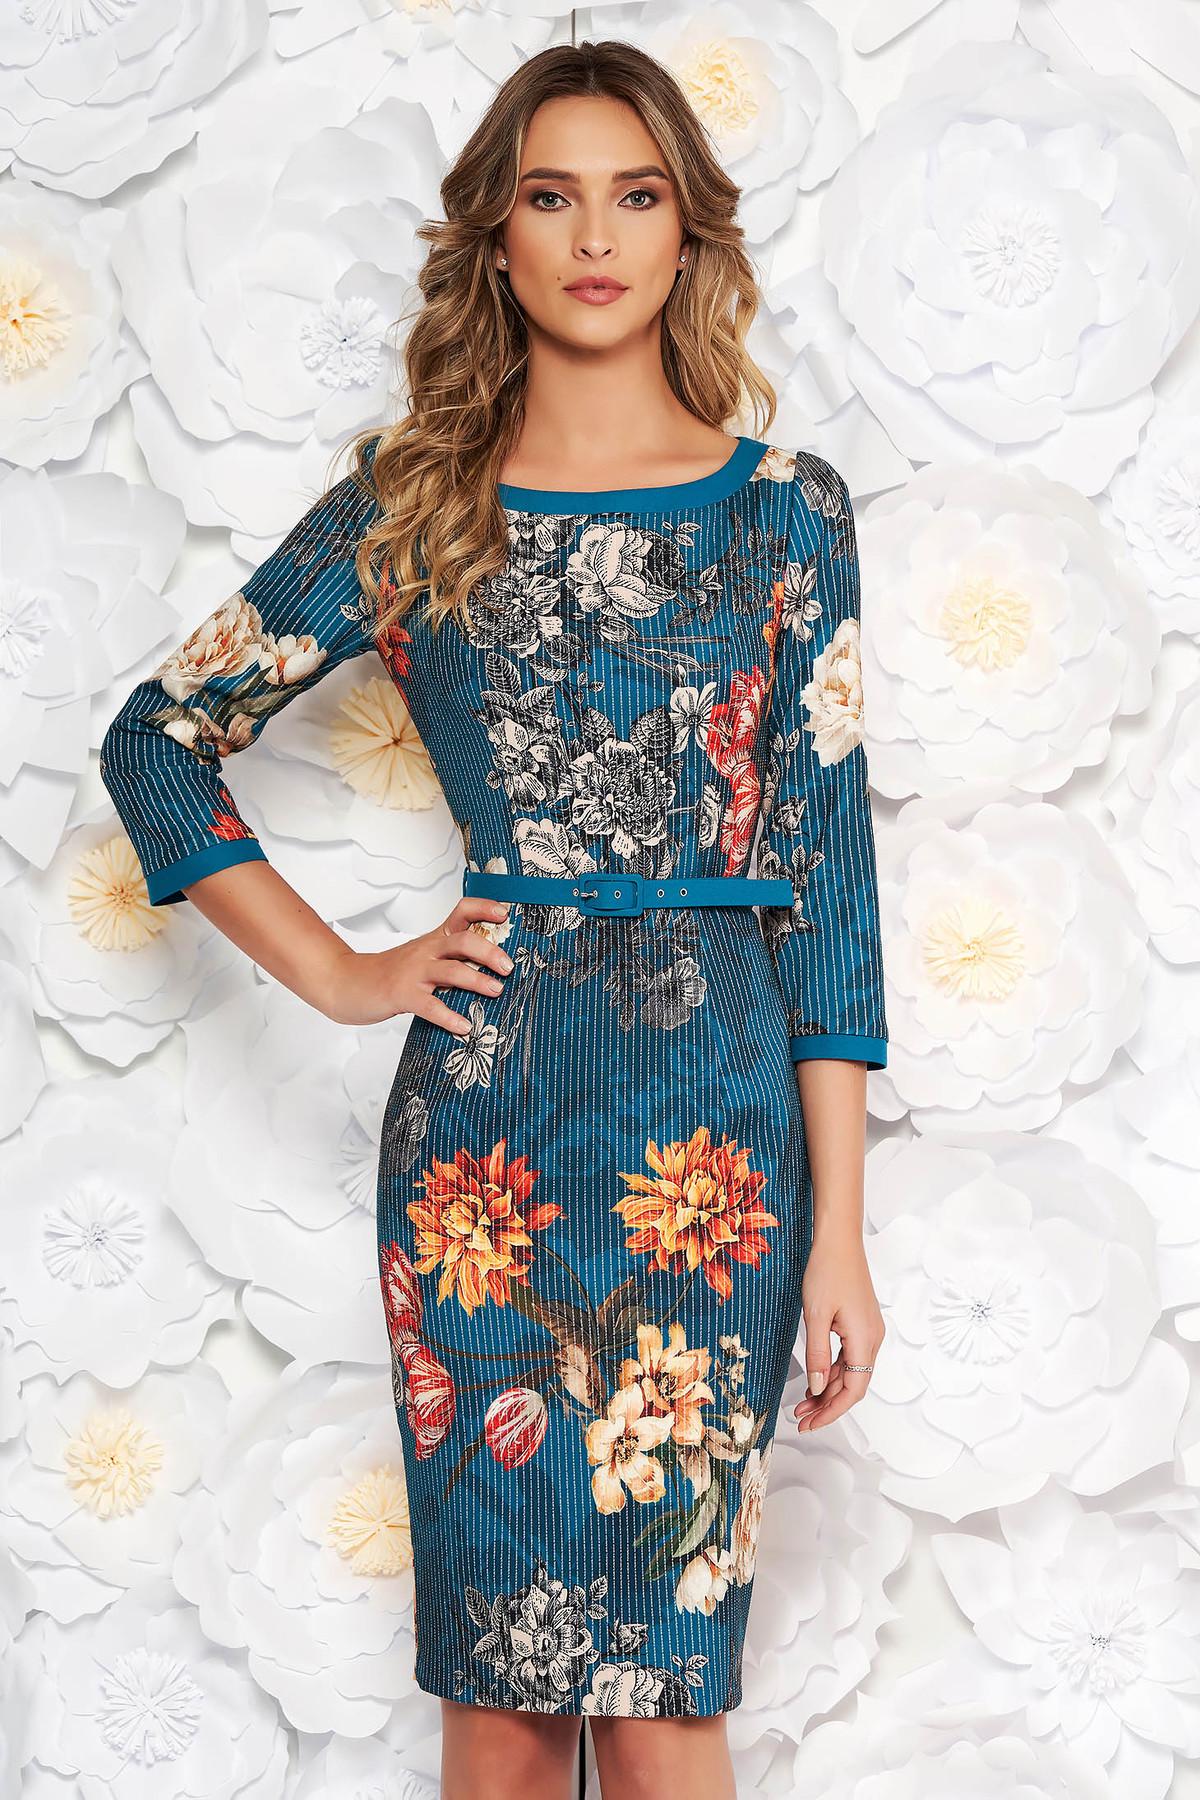 Rochie turcoaz eleganta tip creion cu imprimeuri florale cu accesoriu tip curea